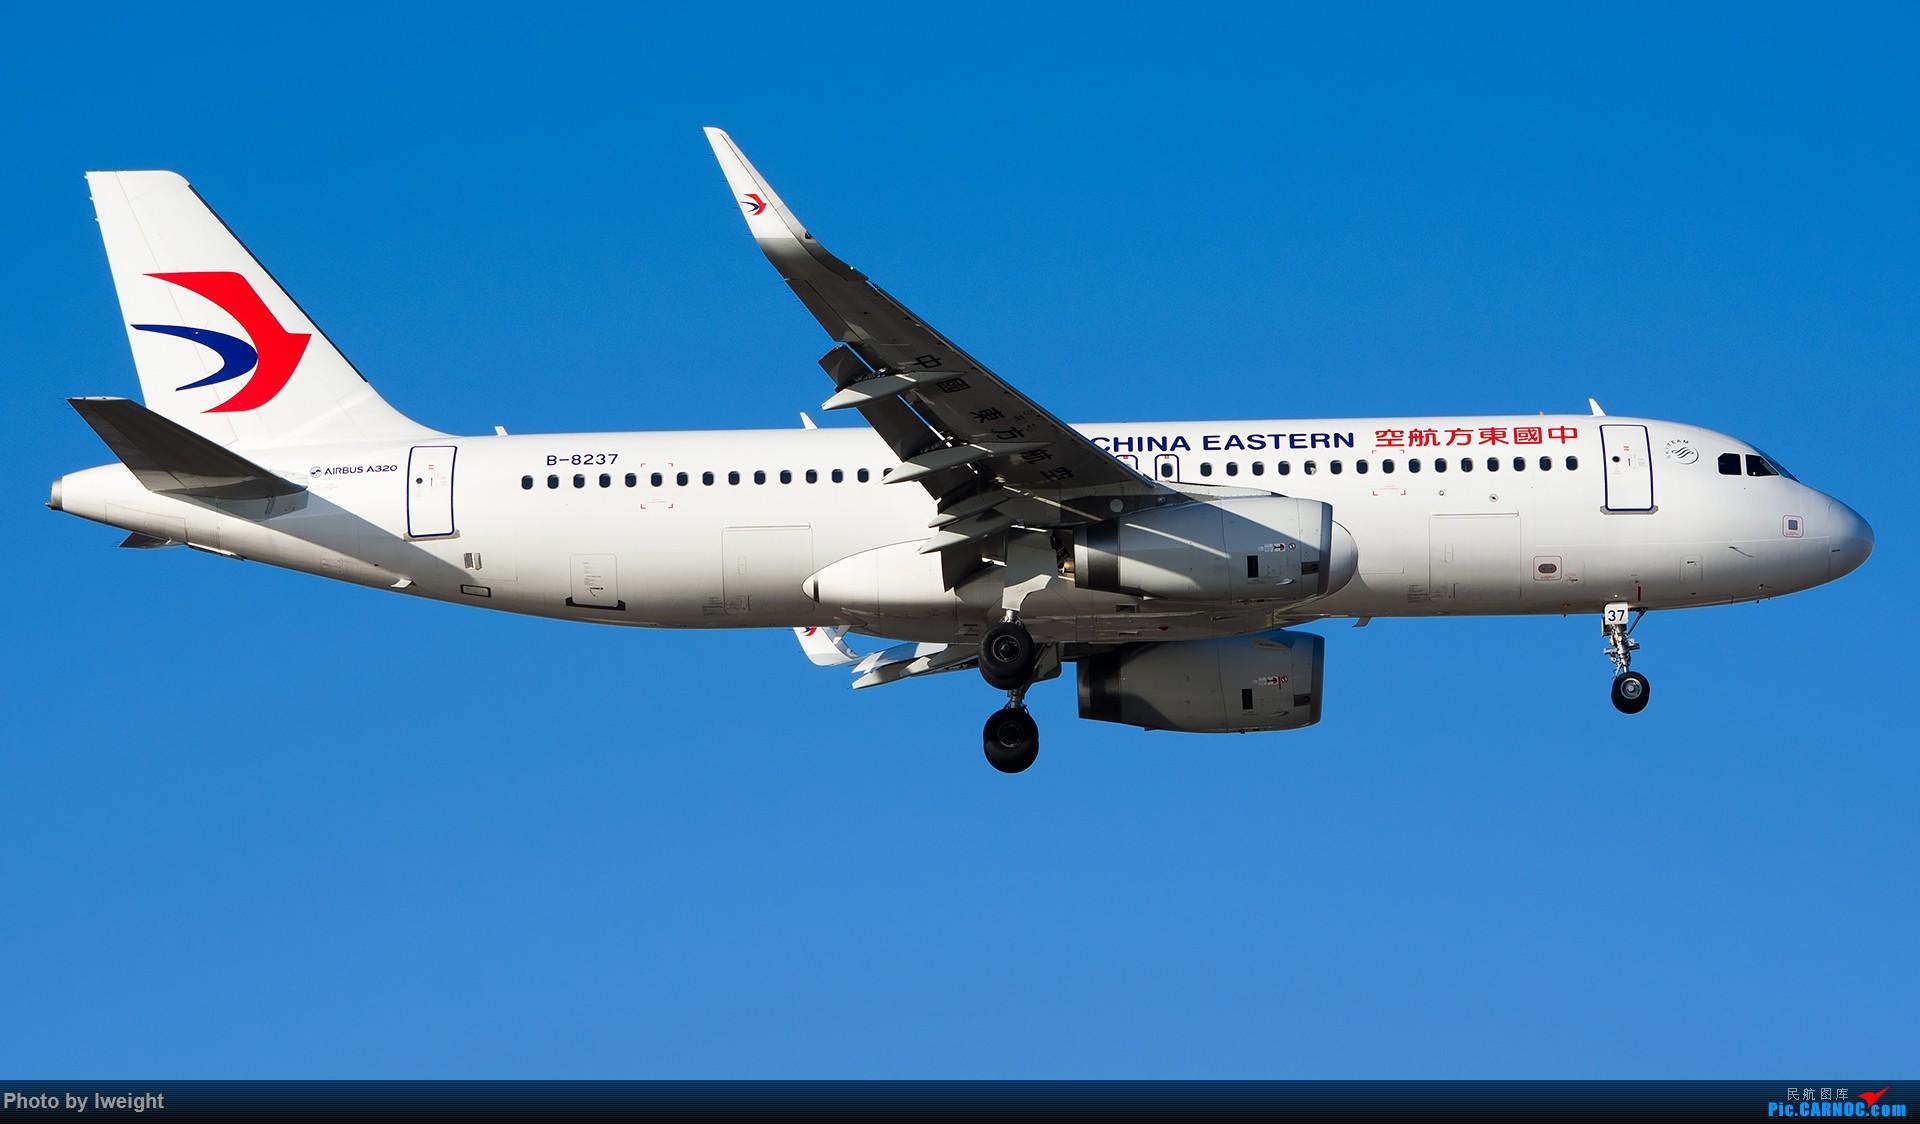 Re:[原创]又见蓝月亮 AIRBUS A320-200 B-8237 中国北京首都国际机场